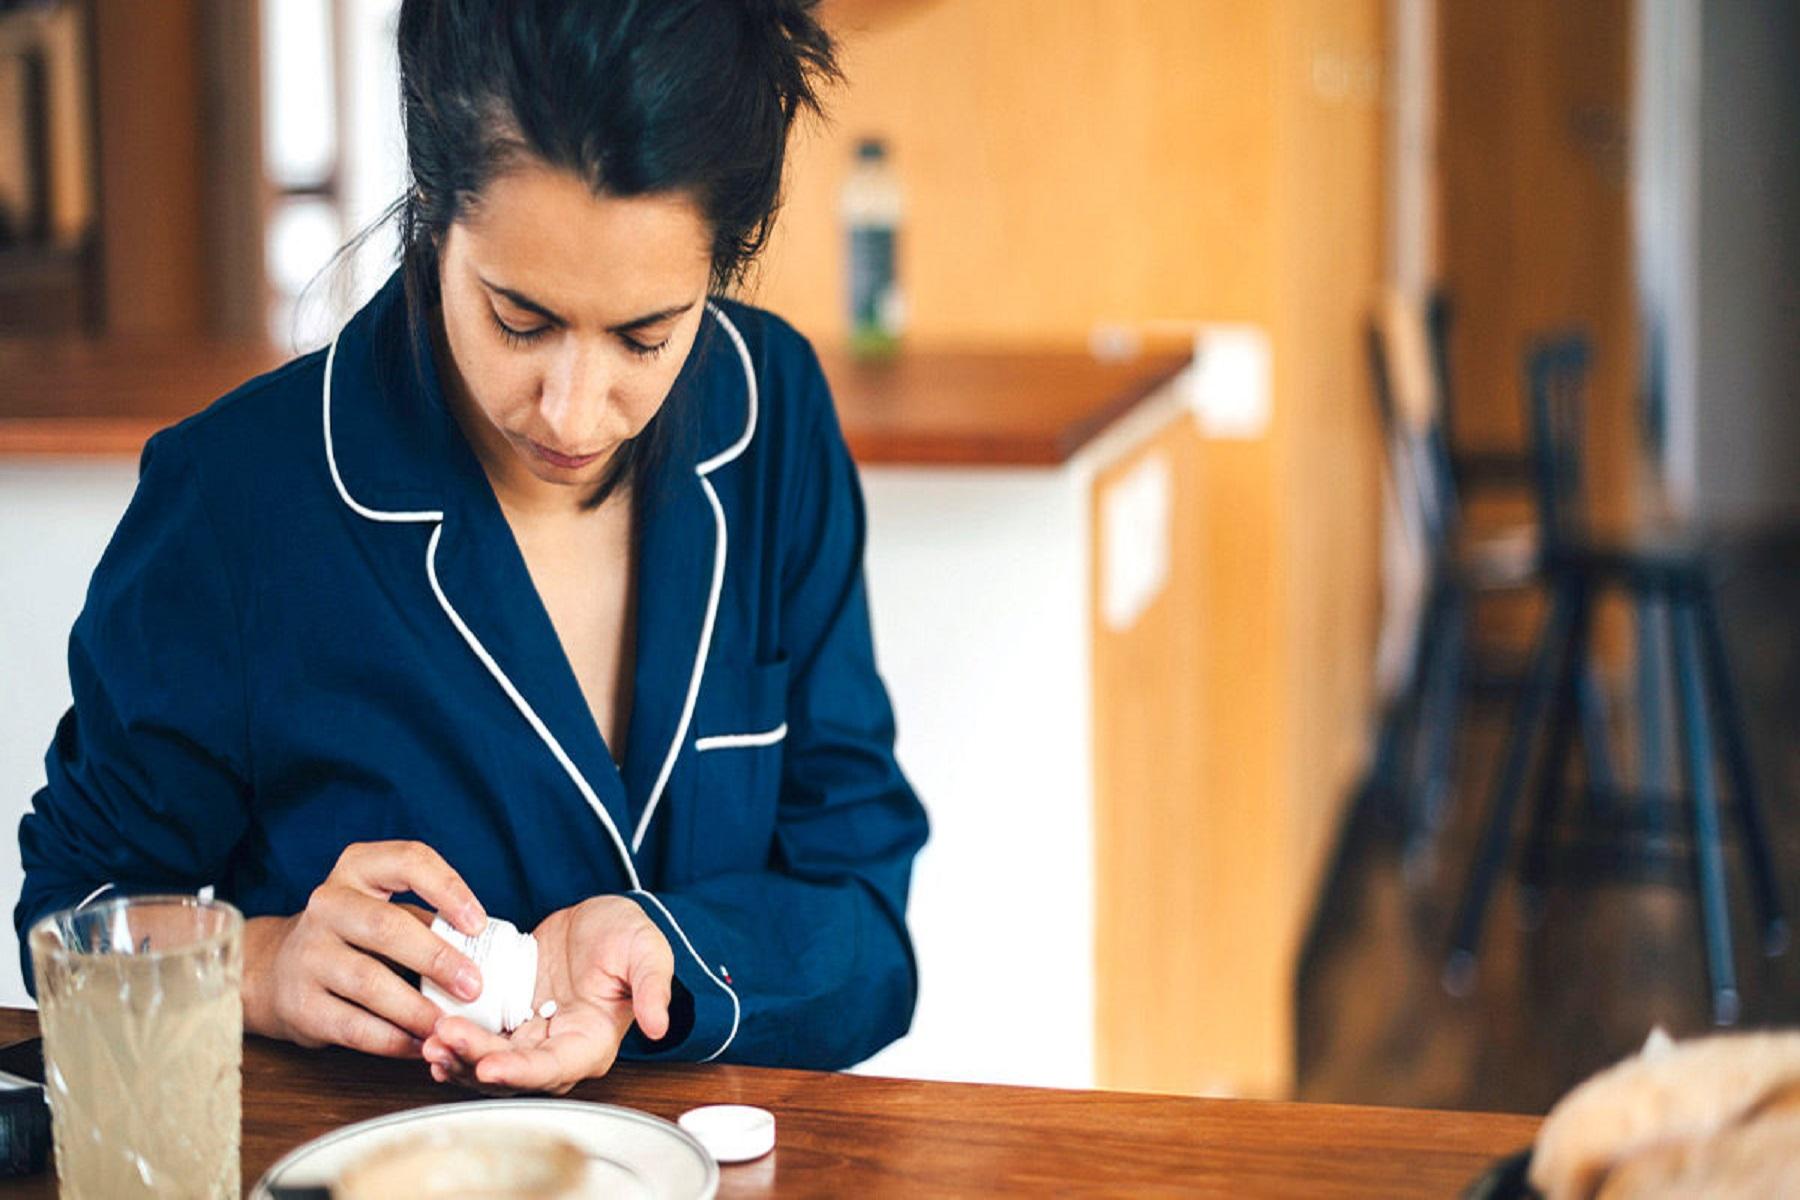 Σύνδρομο Αντικαταθλιπτικής Διακοπής: Ξαφνικά σταματήσατε να παίρνετε αντικαταθλιπτικά: Τι πρέπει να γνωρίζετε